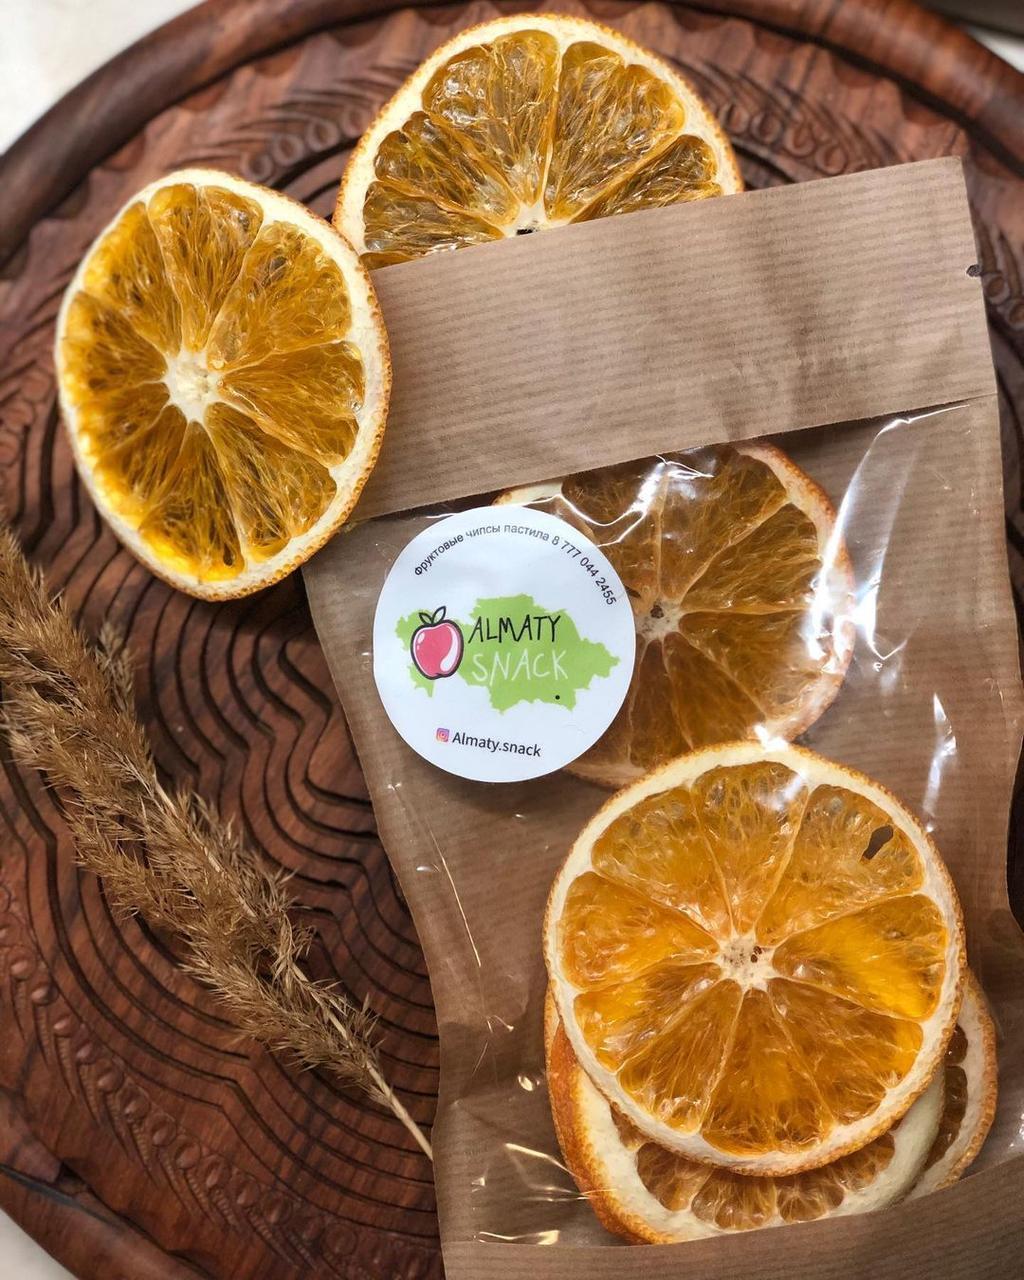 Фруктовые чипсы. Апельсин. Almaty Snack. Без упаковки на развес